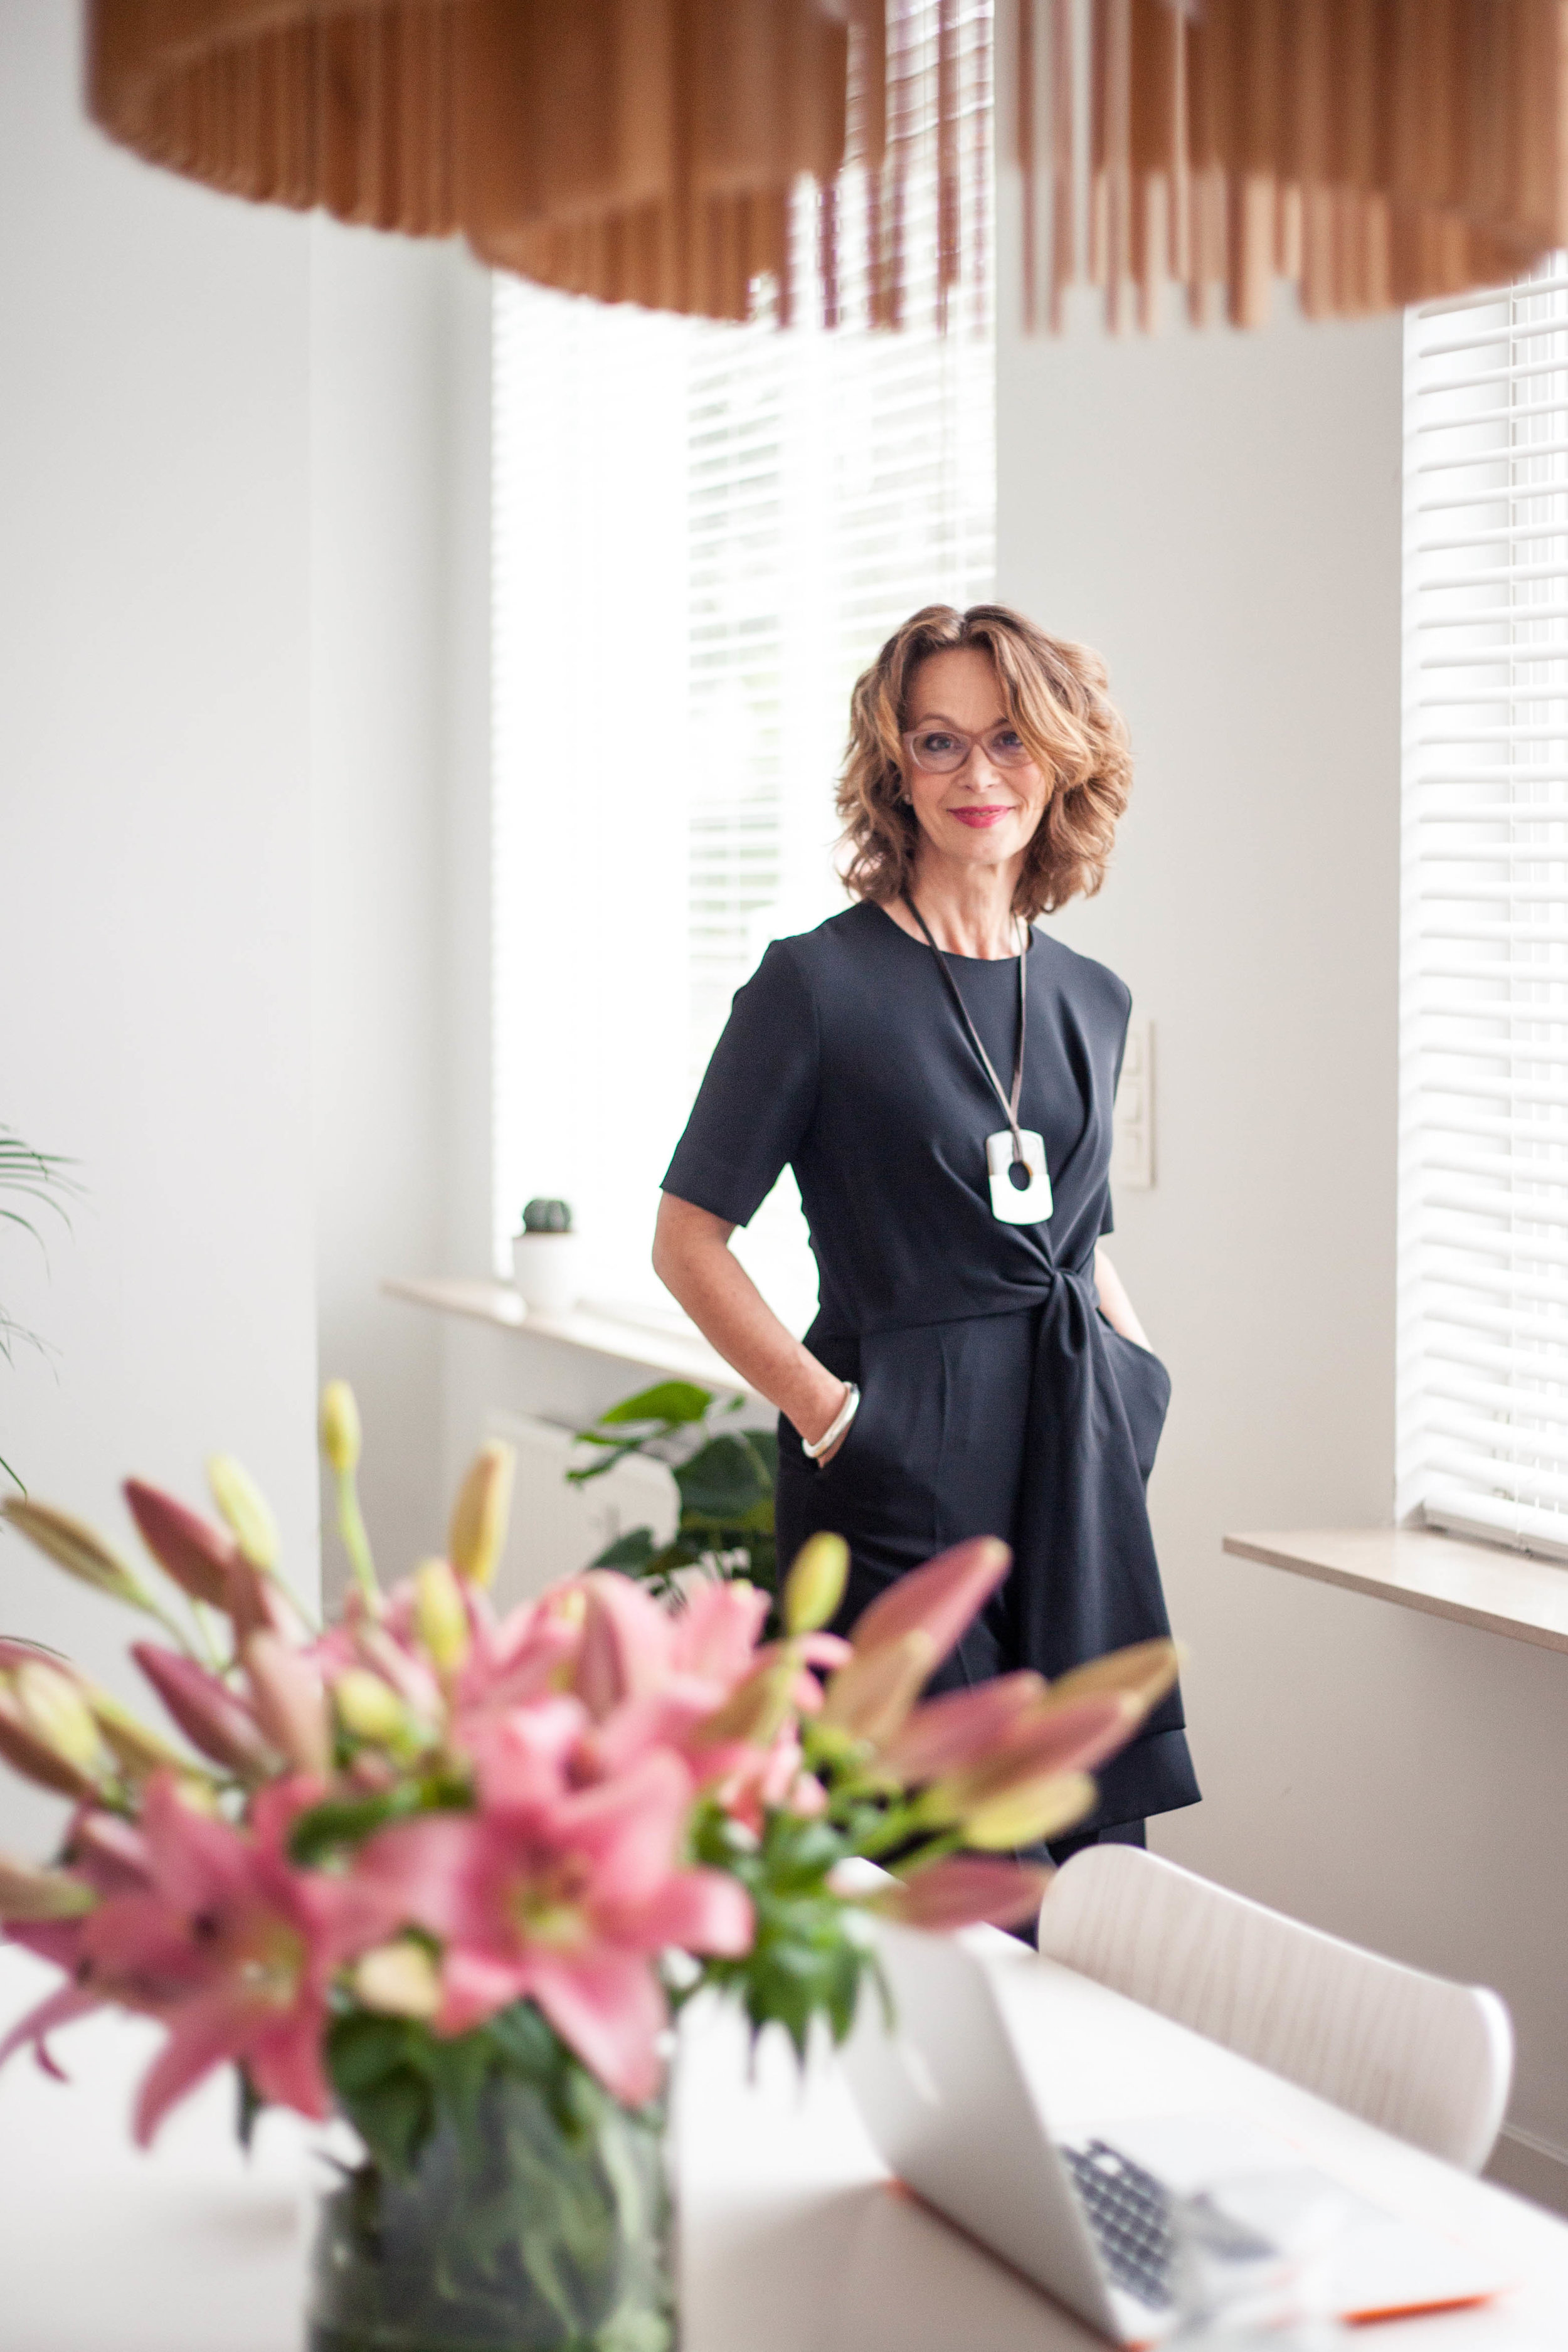 Liesbeth Dillen - About - Biography for Press 2.jpg